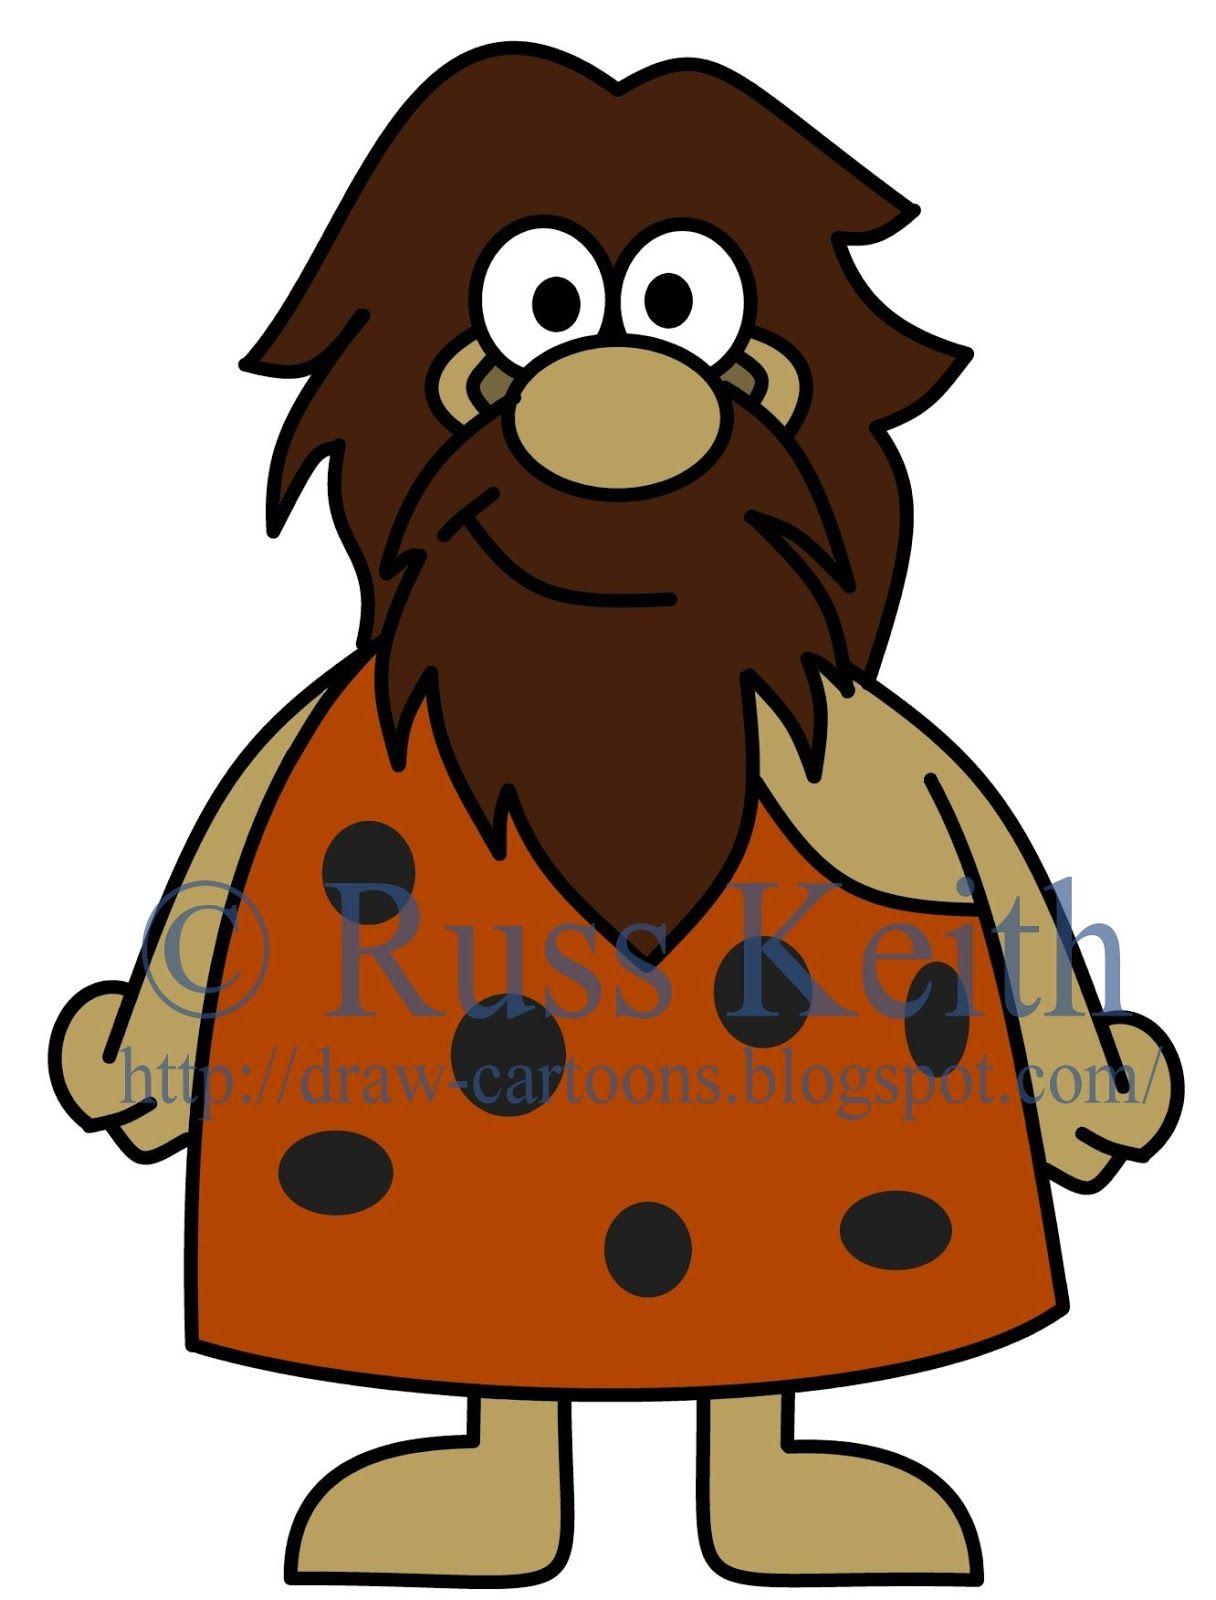 Caveman clipart hard stone. How to draw cartoons